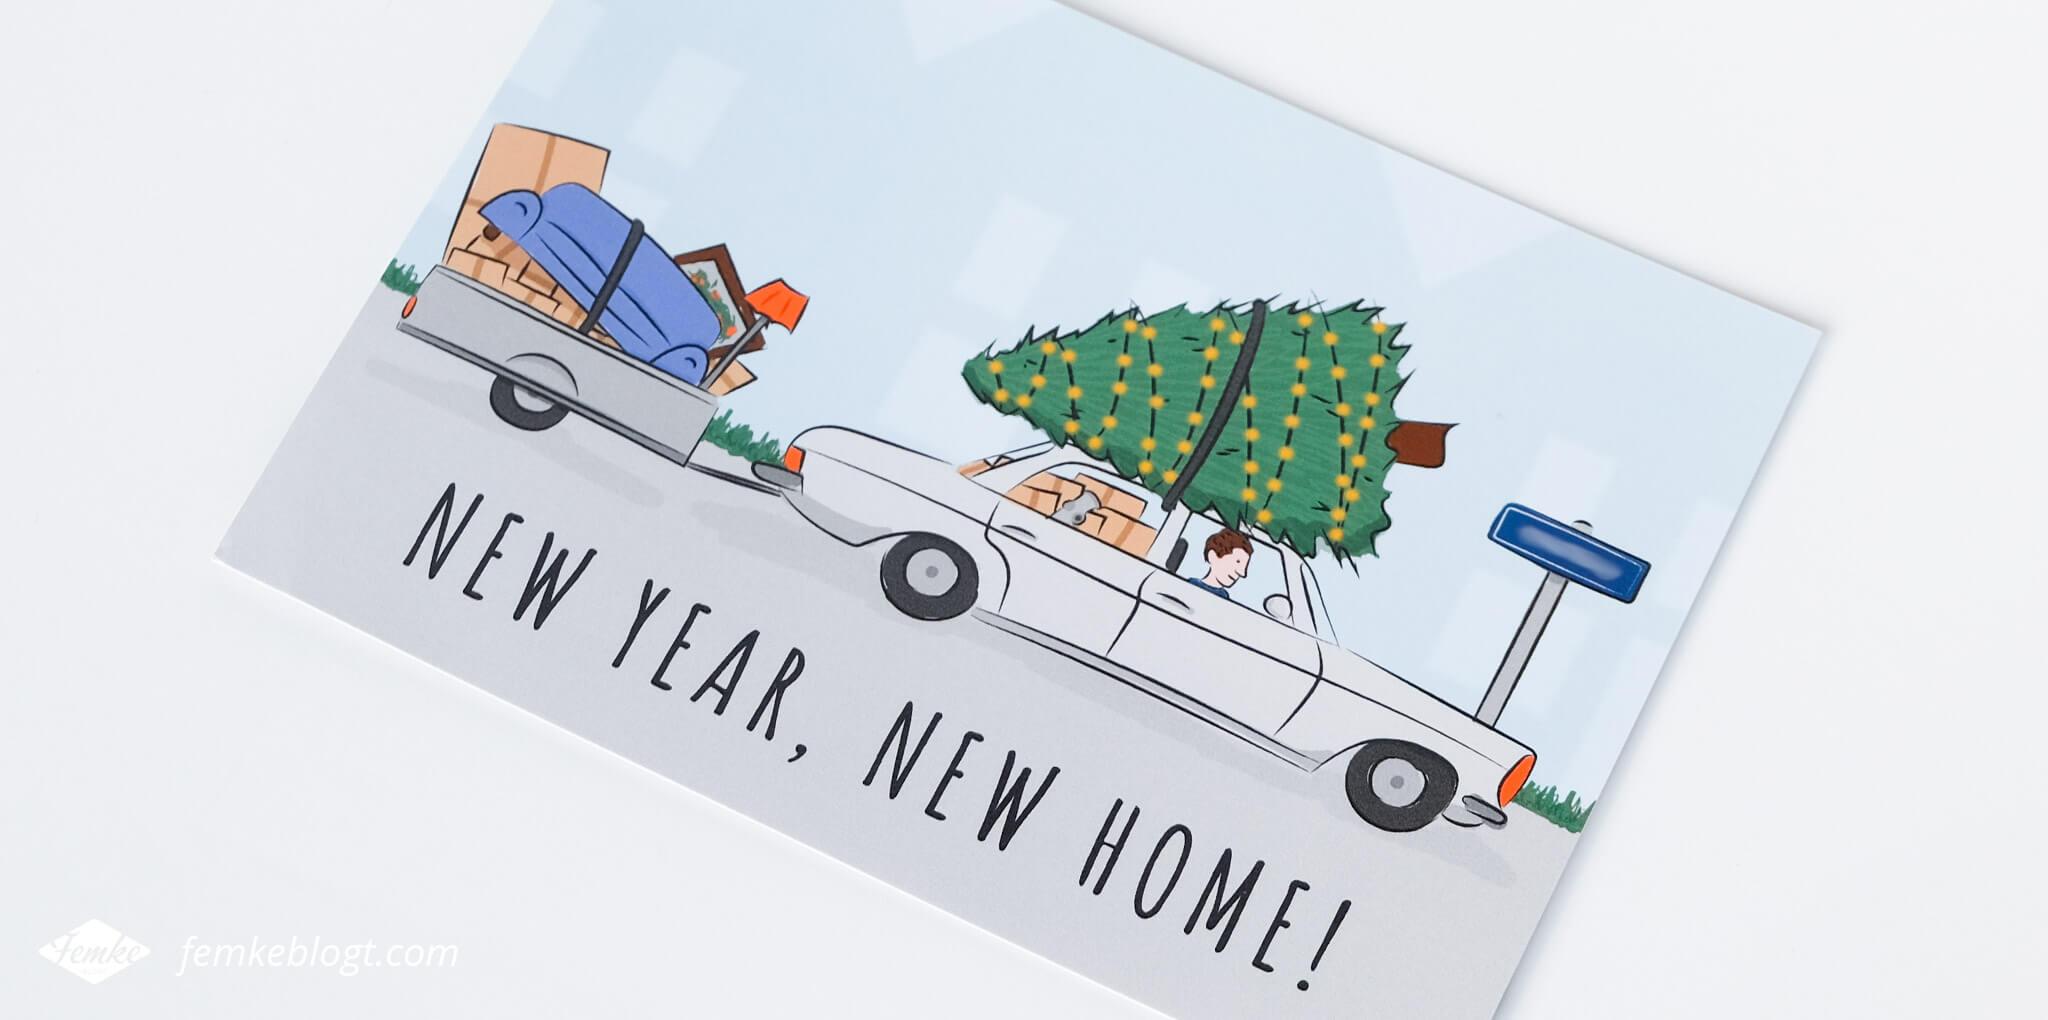 Verhuiskaart ontwerp New year, new home! | De voorkant van de verhuiskaart heeft een illustratie van een auto met een kerstboom op het dak en een volgepakt aanhangertje.